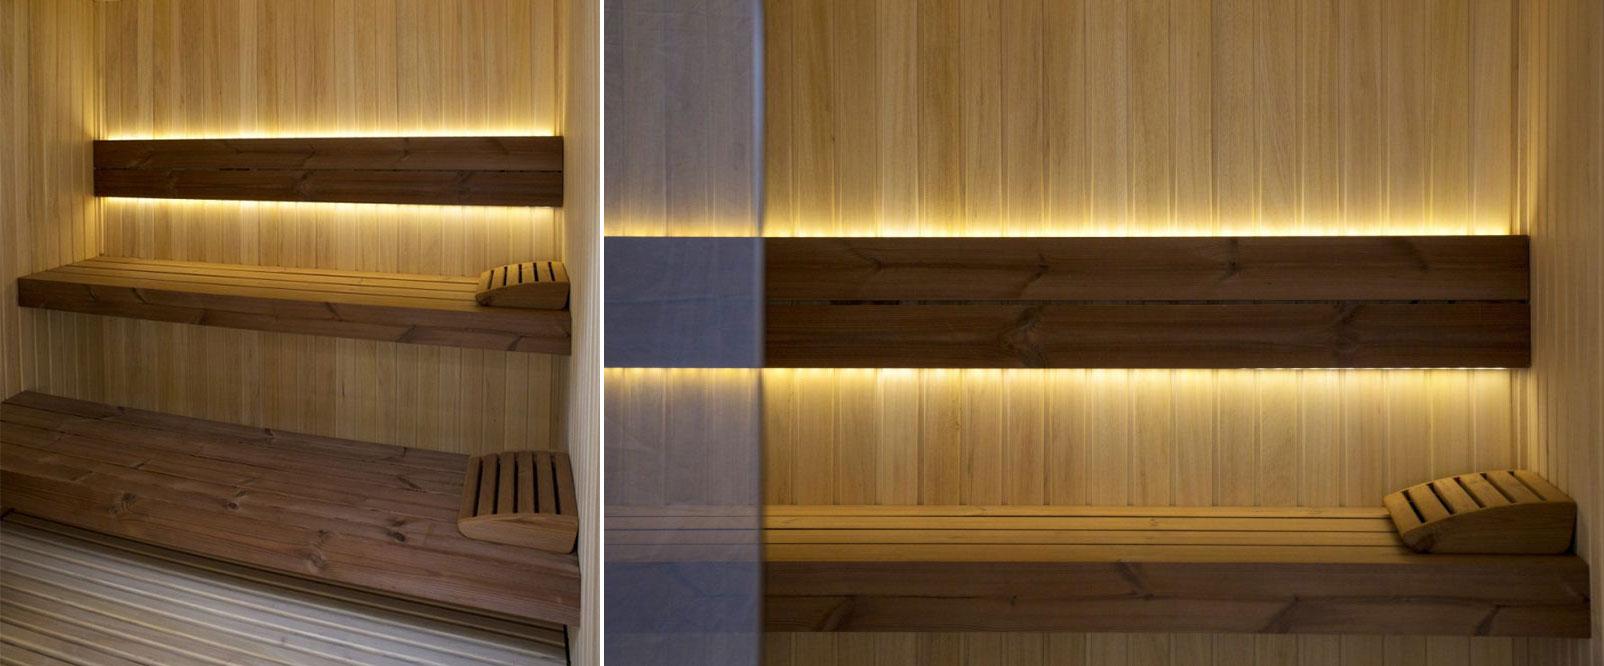 Луксозна сглобяема финландска сауна модел Select Abachi